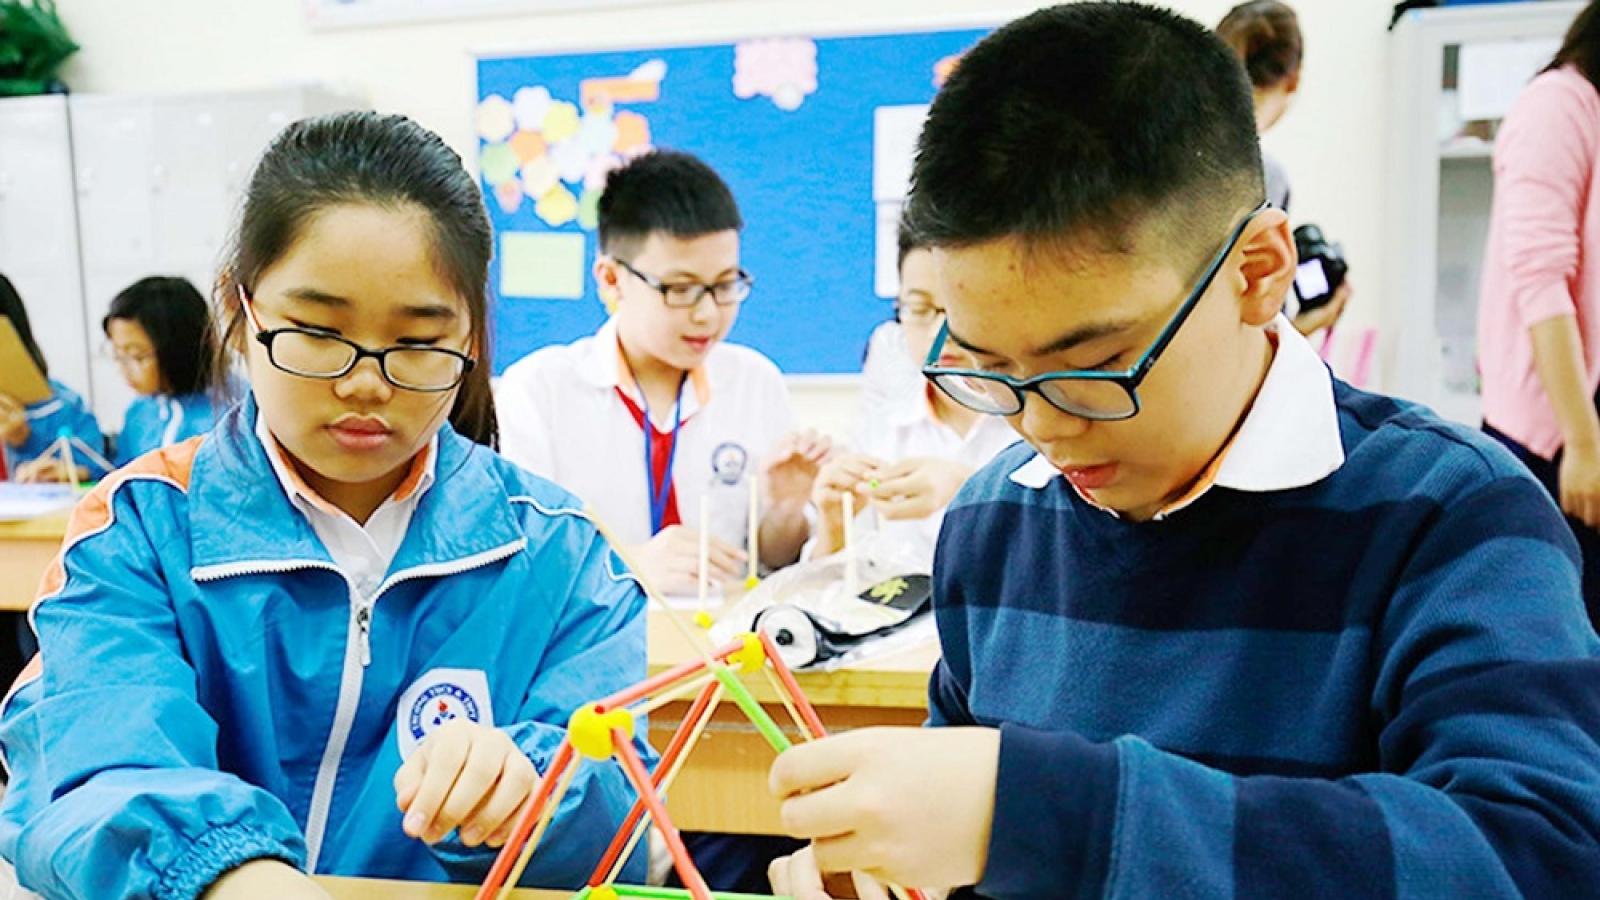 Giáo dục thời 4.0: Hiểu sao cho đúng về STEM và giáo dục STEM?